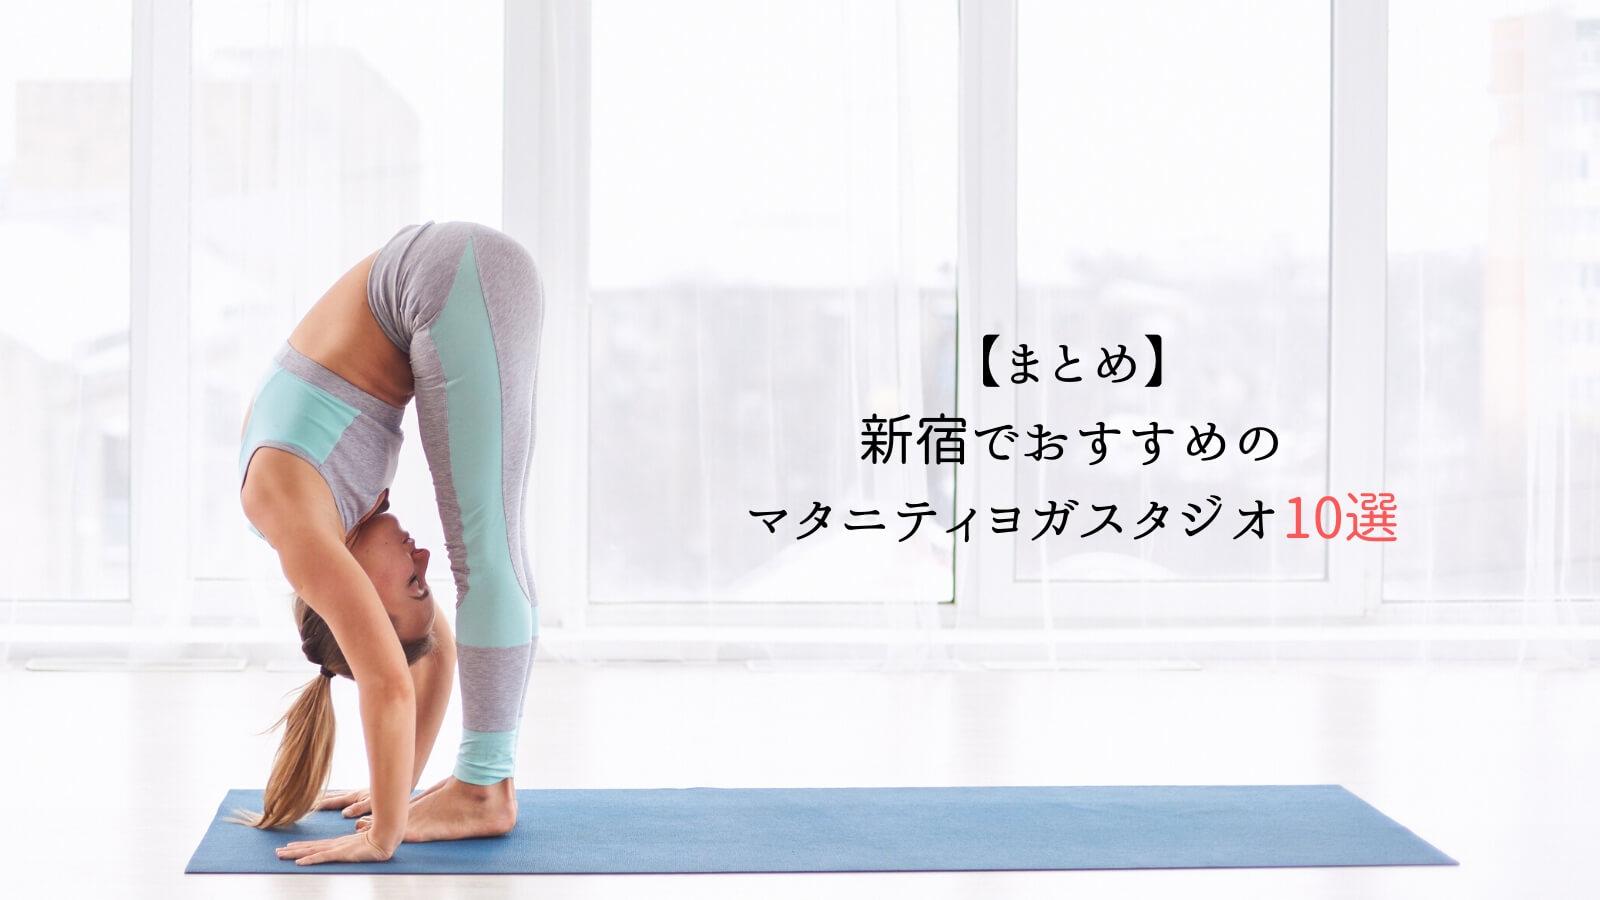 【まとめ】新宿でおすすめのマタニティヨガスタジオ10選